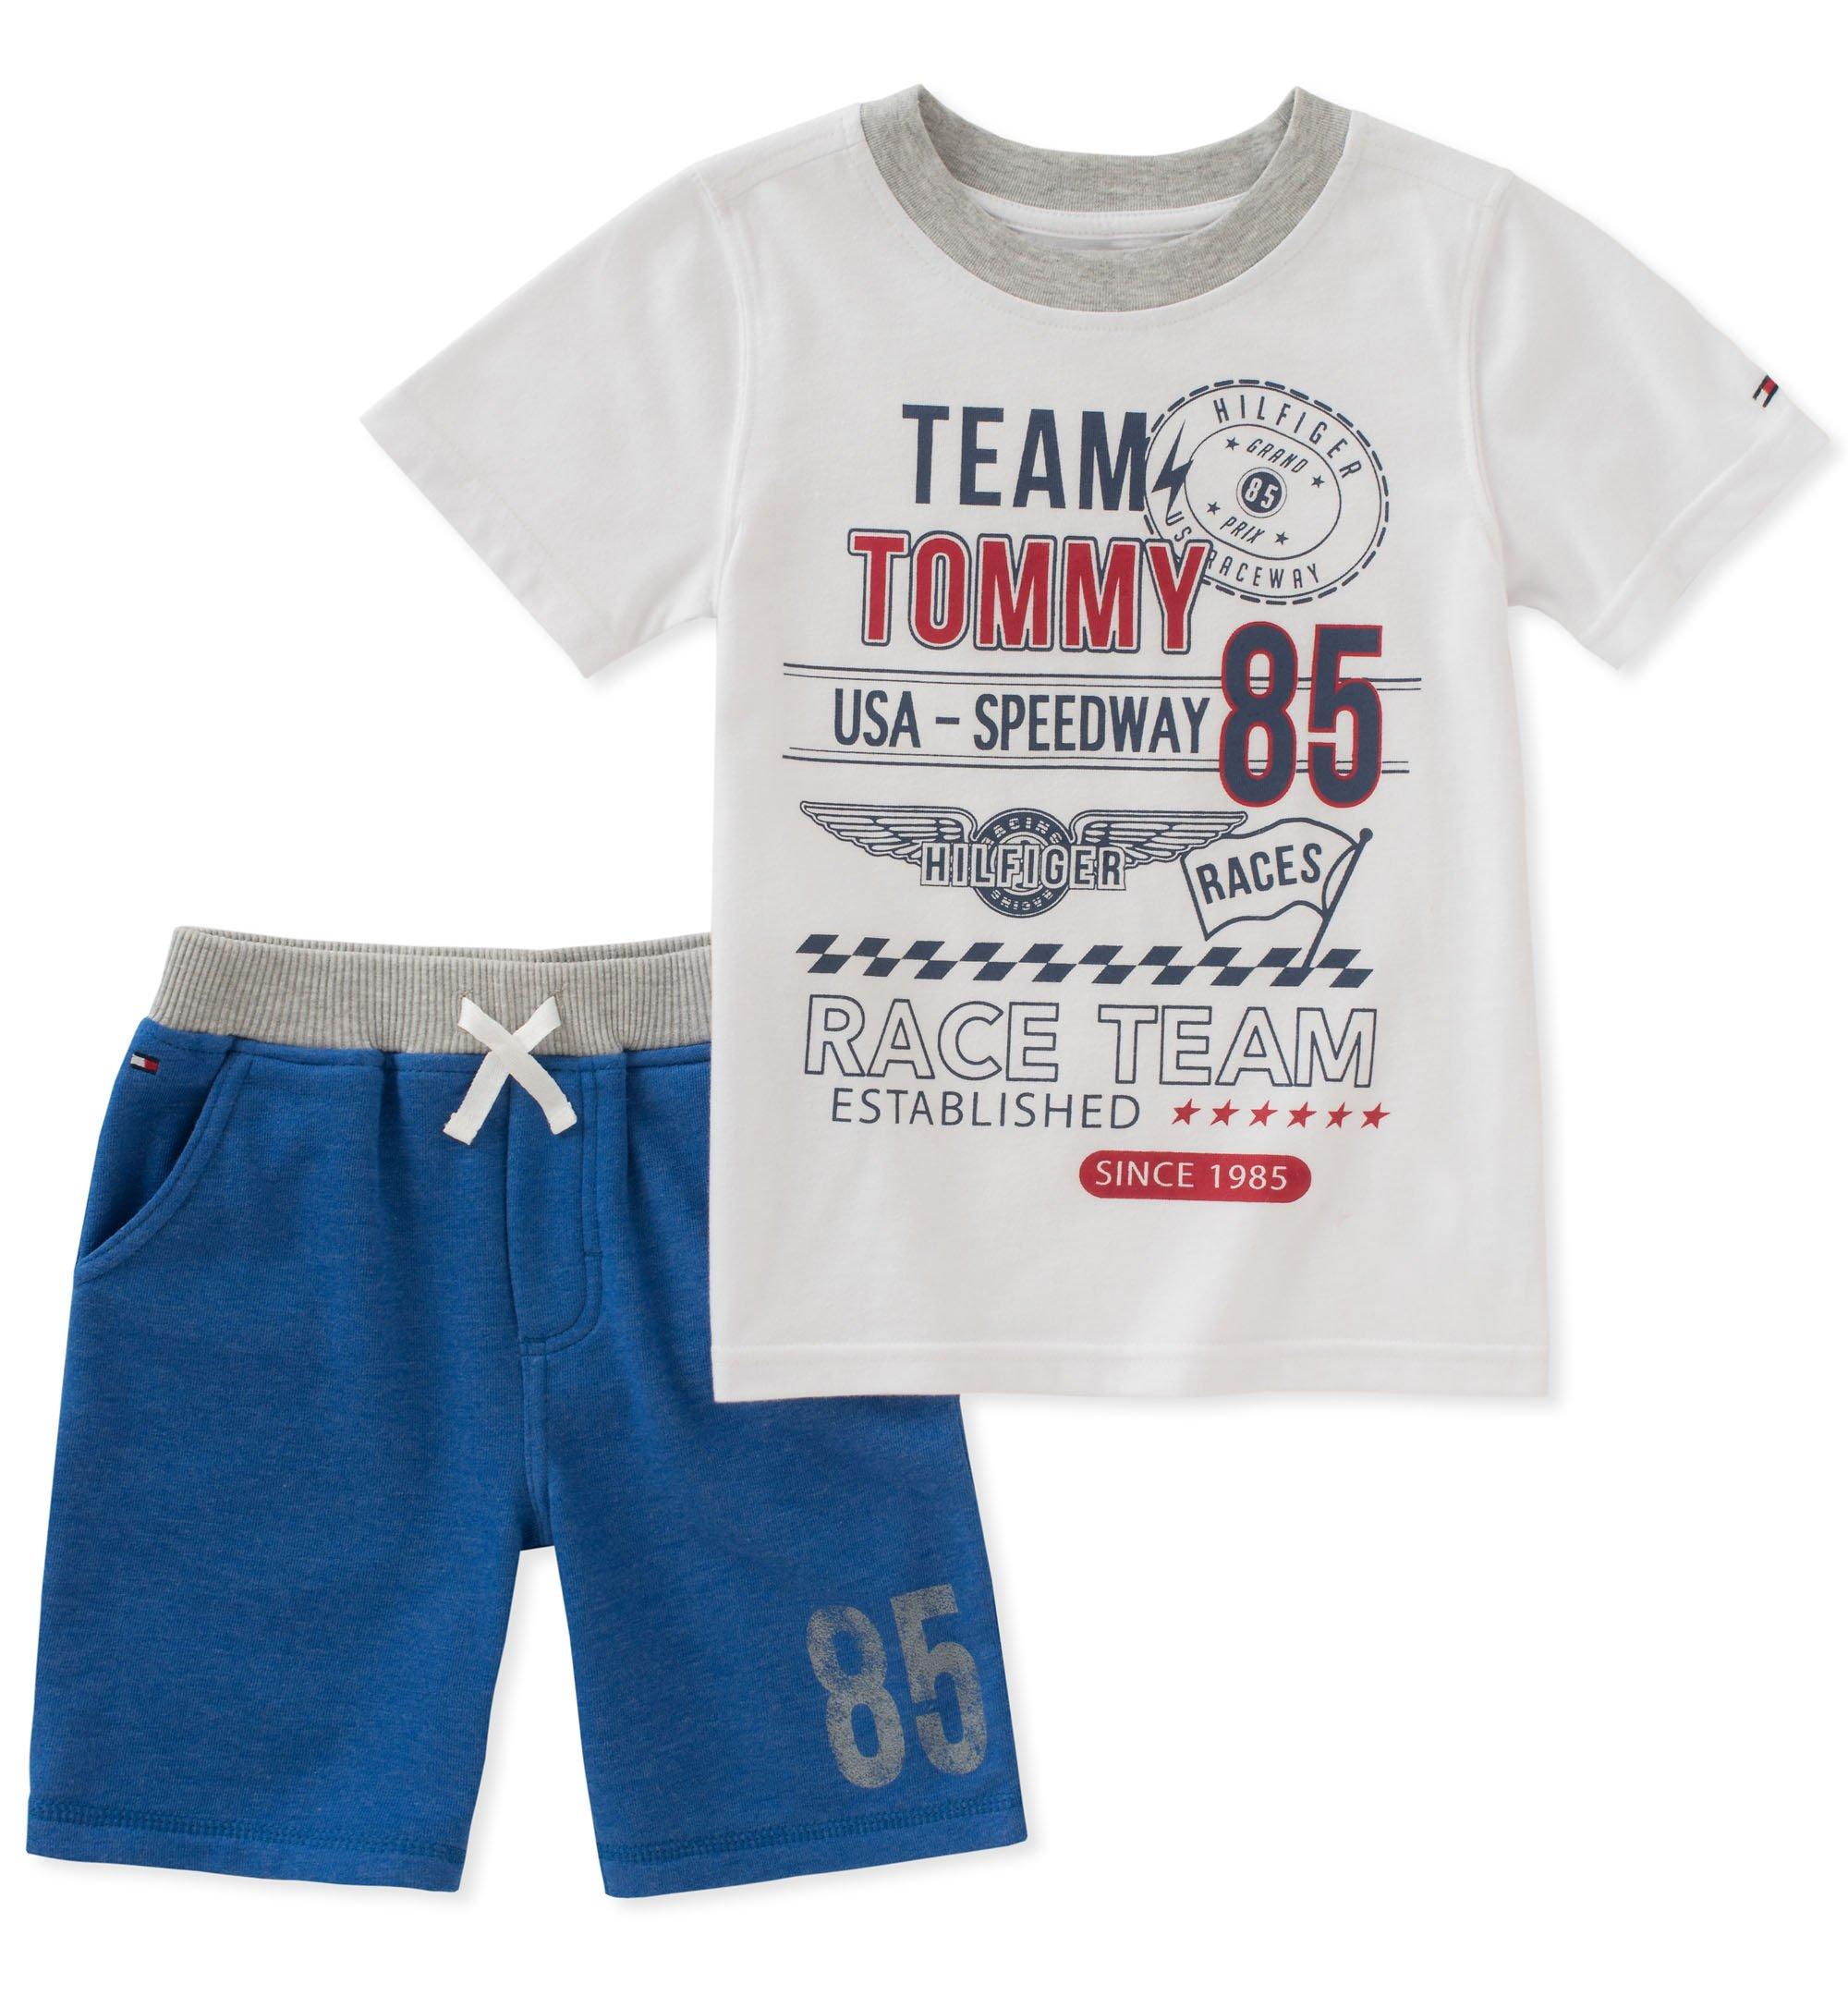 grand choix de fce5f ad33d Tommy Hilfiger Baby Boys 2 Pieces Shorts Set, White/Blue, 12M